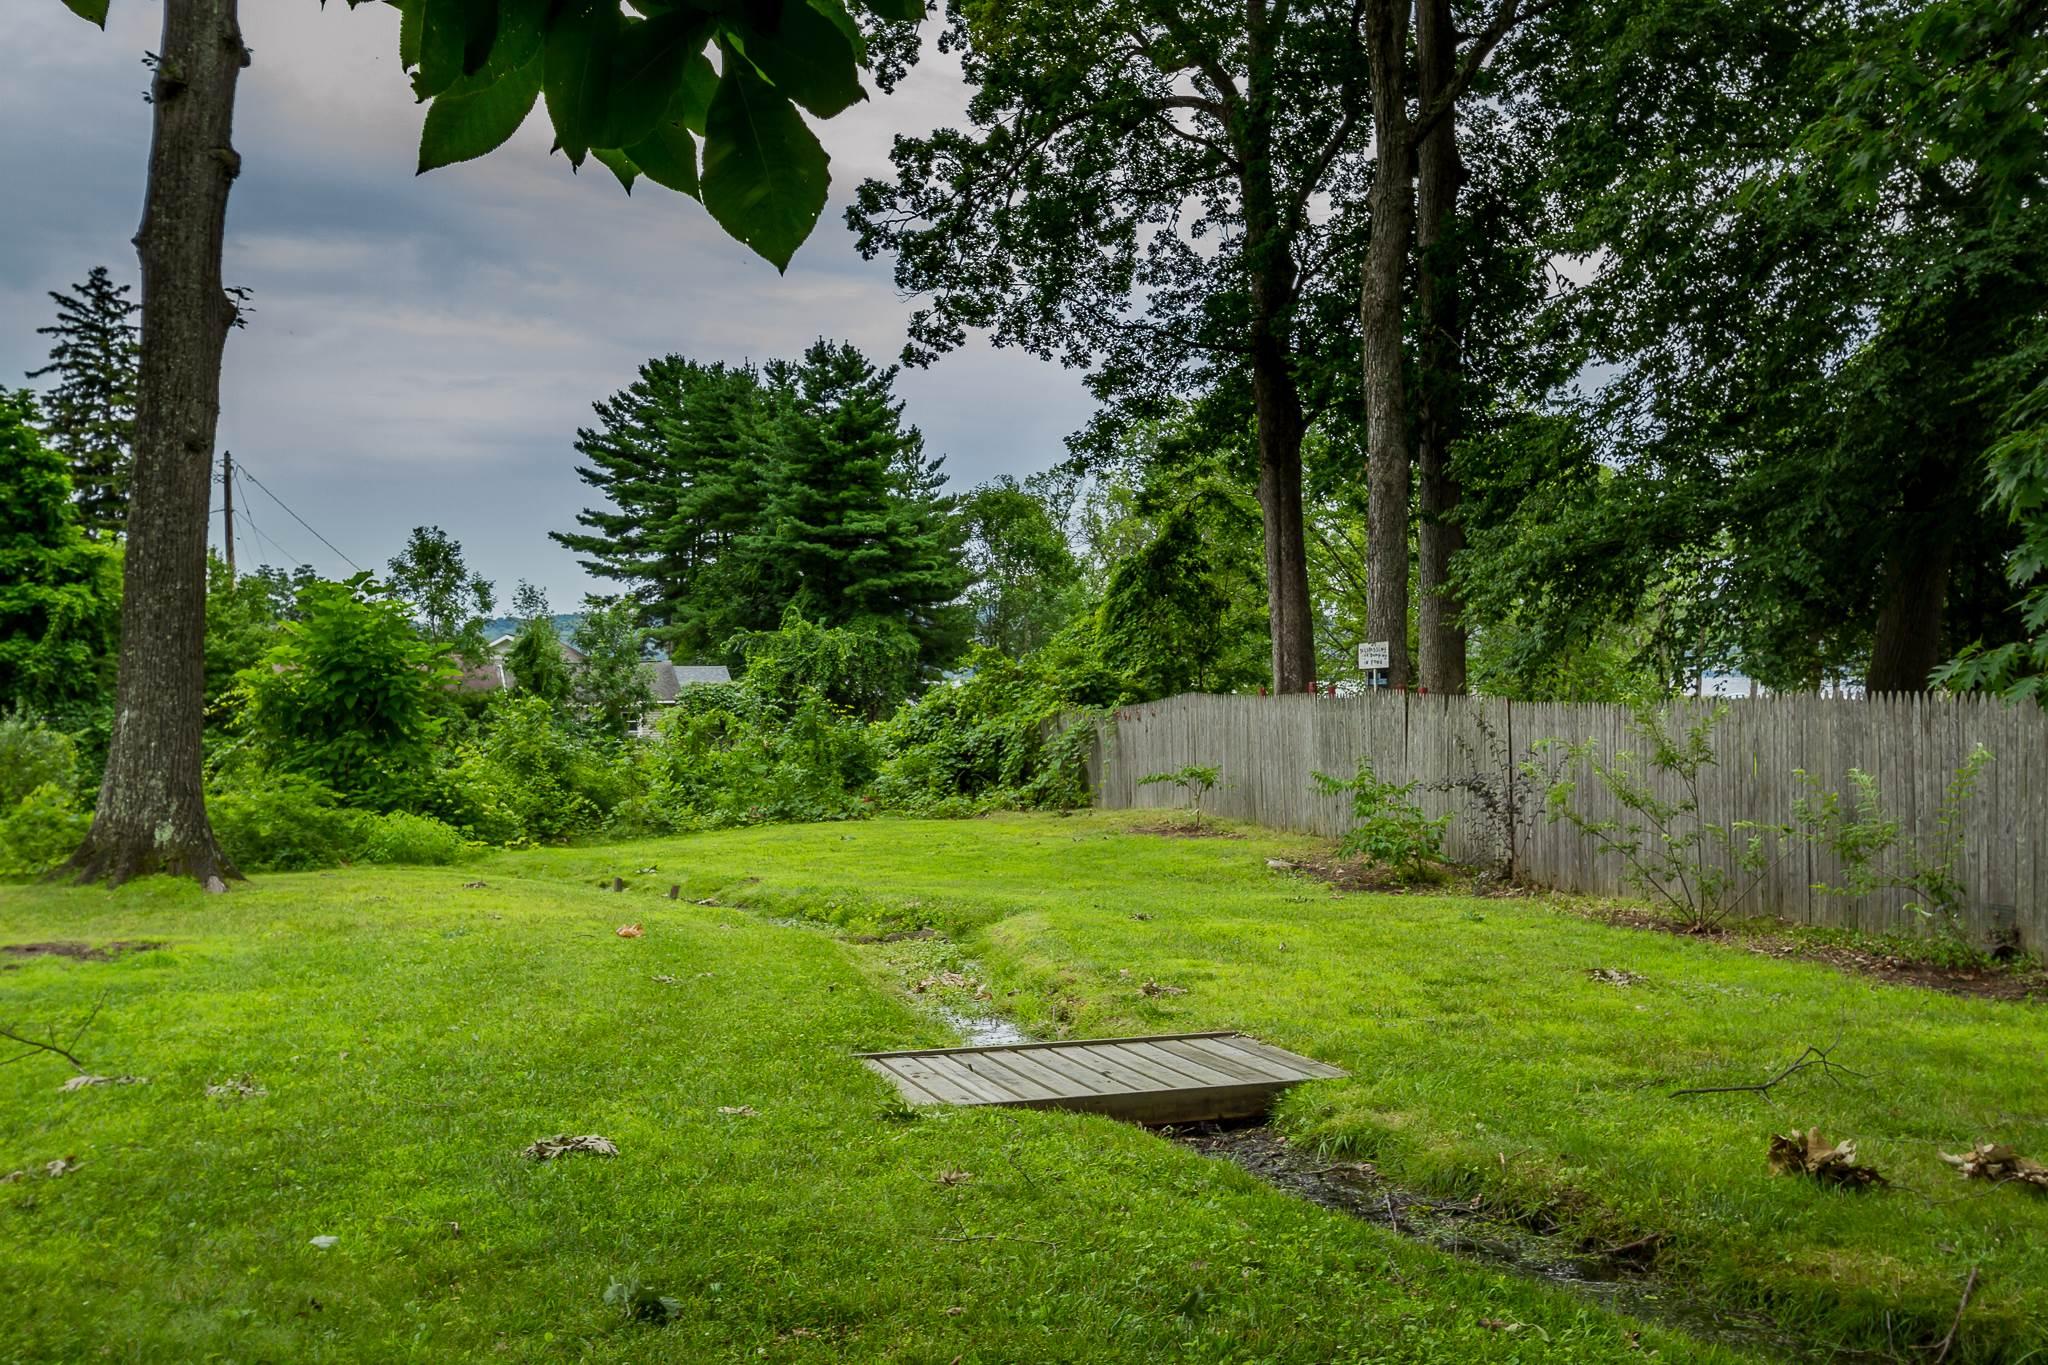 Saratoga S image 22